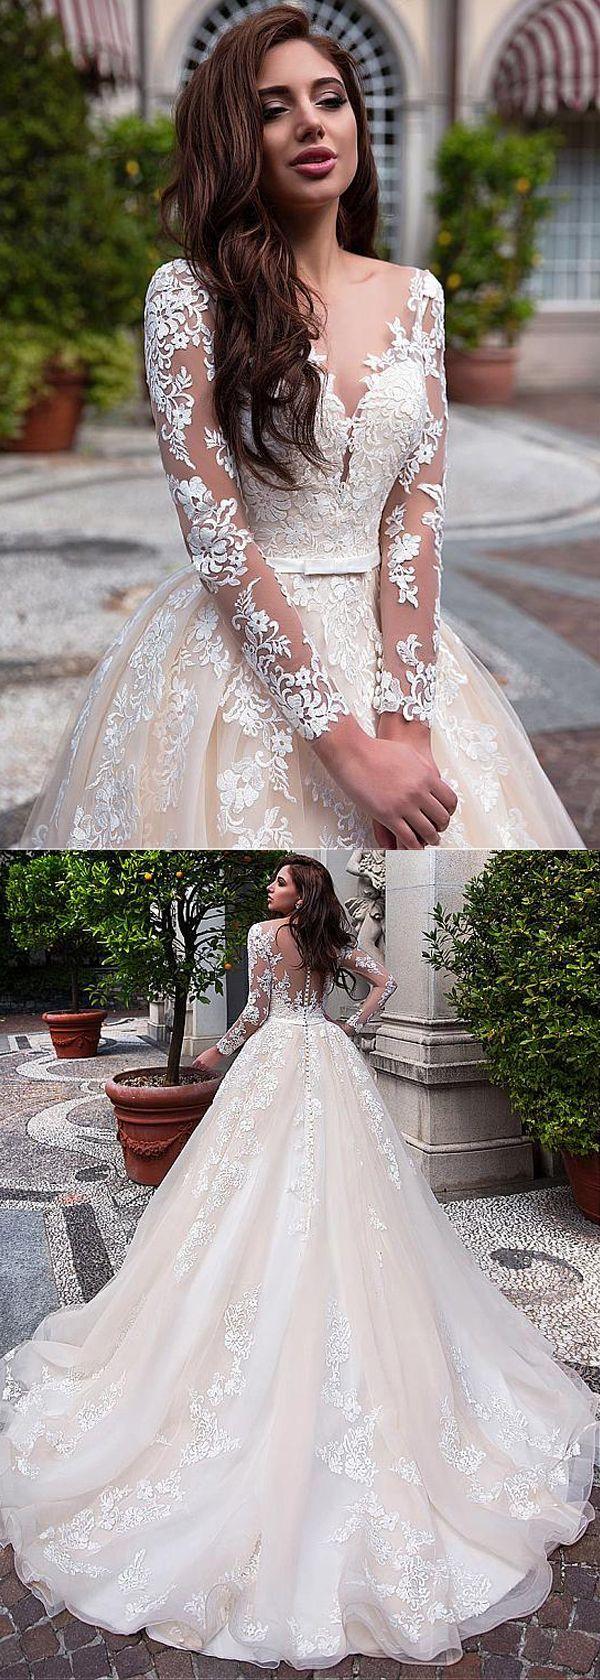 Elegantes Tüll & Organza Rundhalsausschnitt Ballkleid Brautkleid mit #tulleballgown